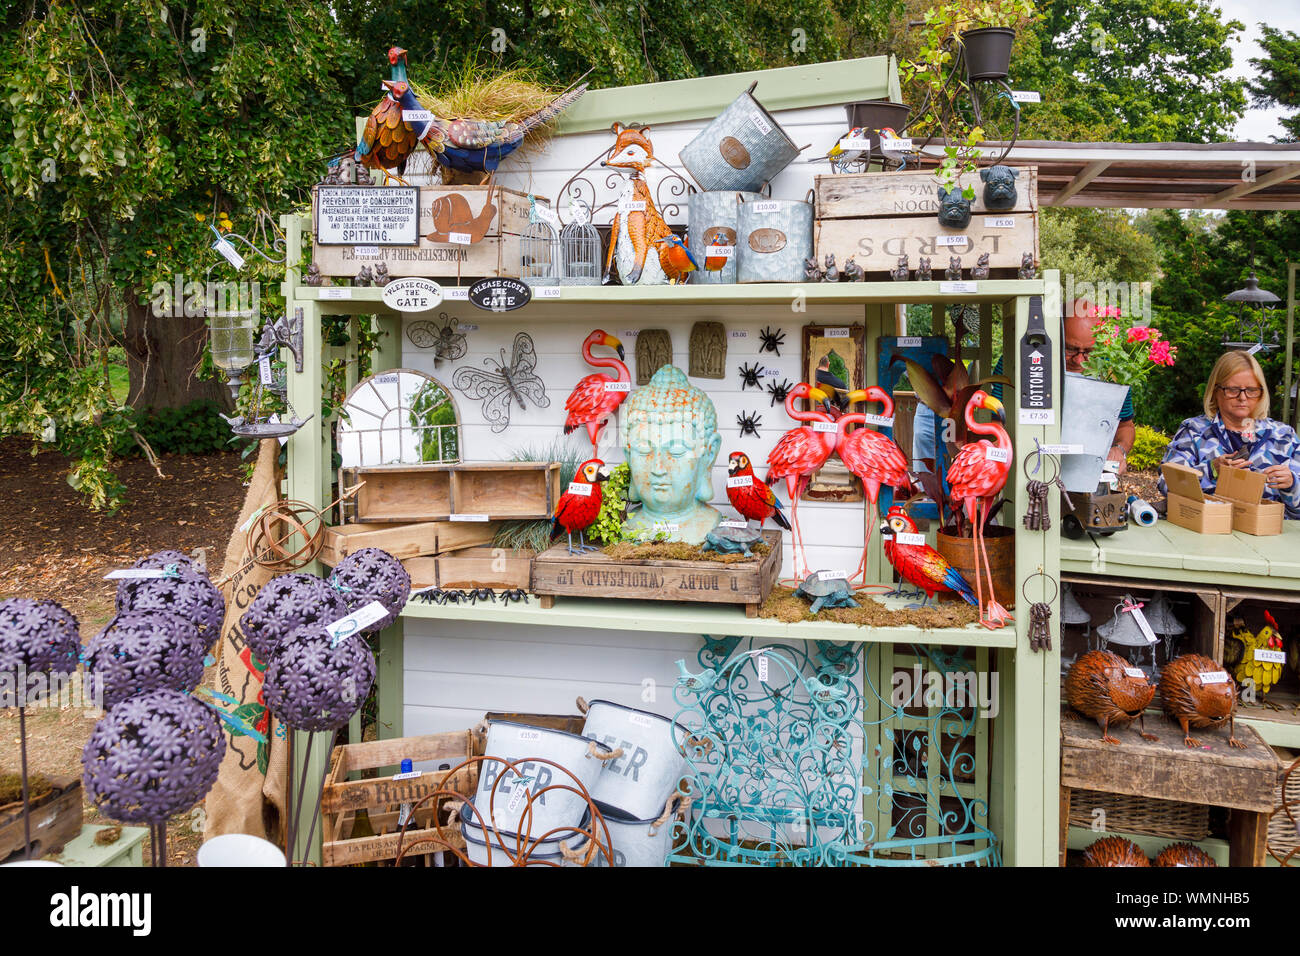 Giardino ornamenti per la vendita in una fase di stallo a settembre 2019 Wisley Garden Flower Show al giardino RHS Wisley, Surrey, sud-est Inghilterra Foto Stock